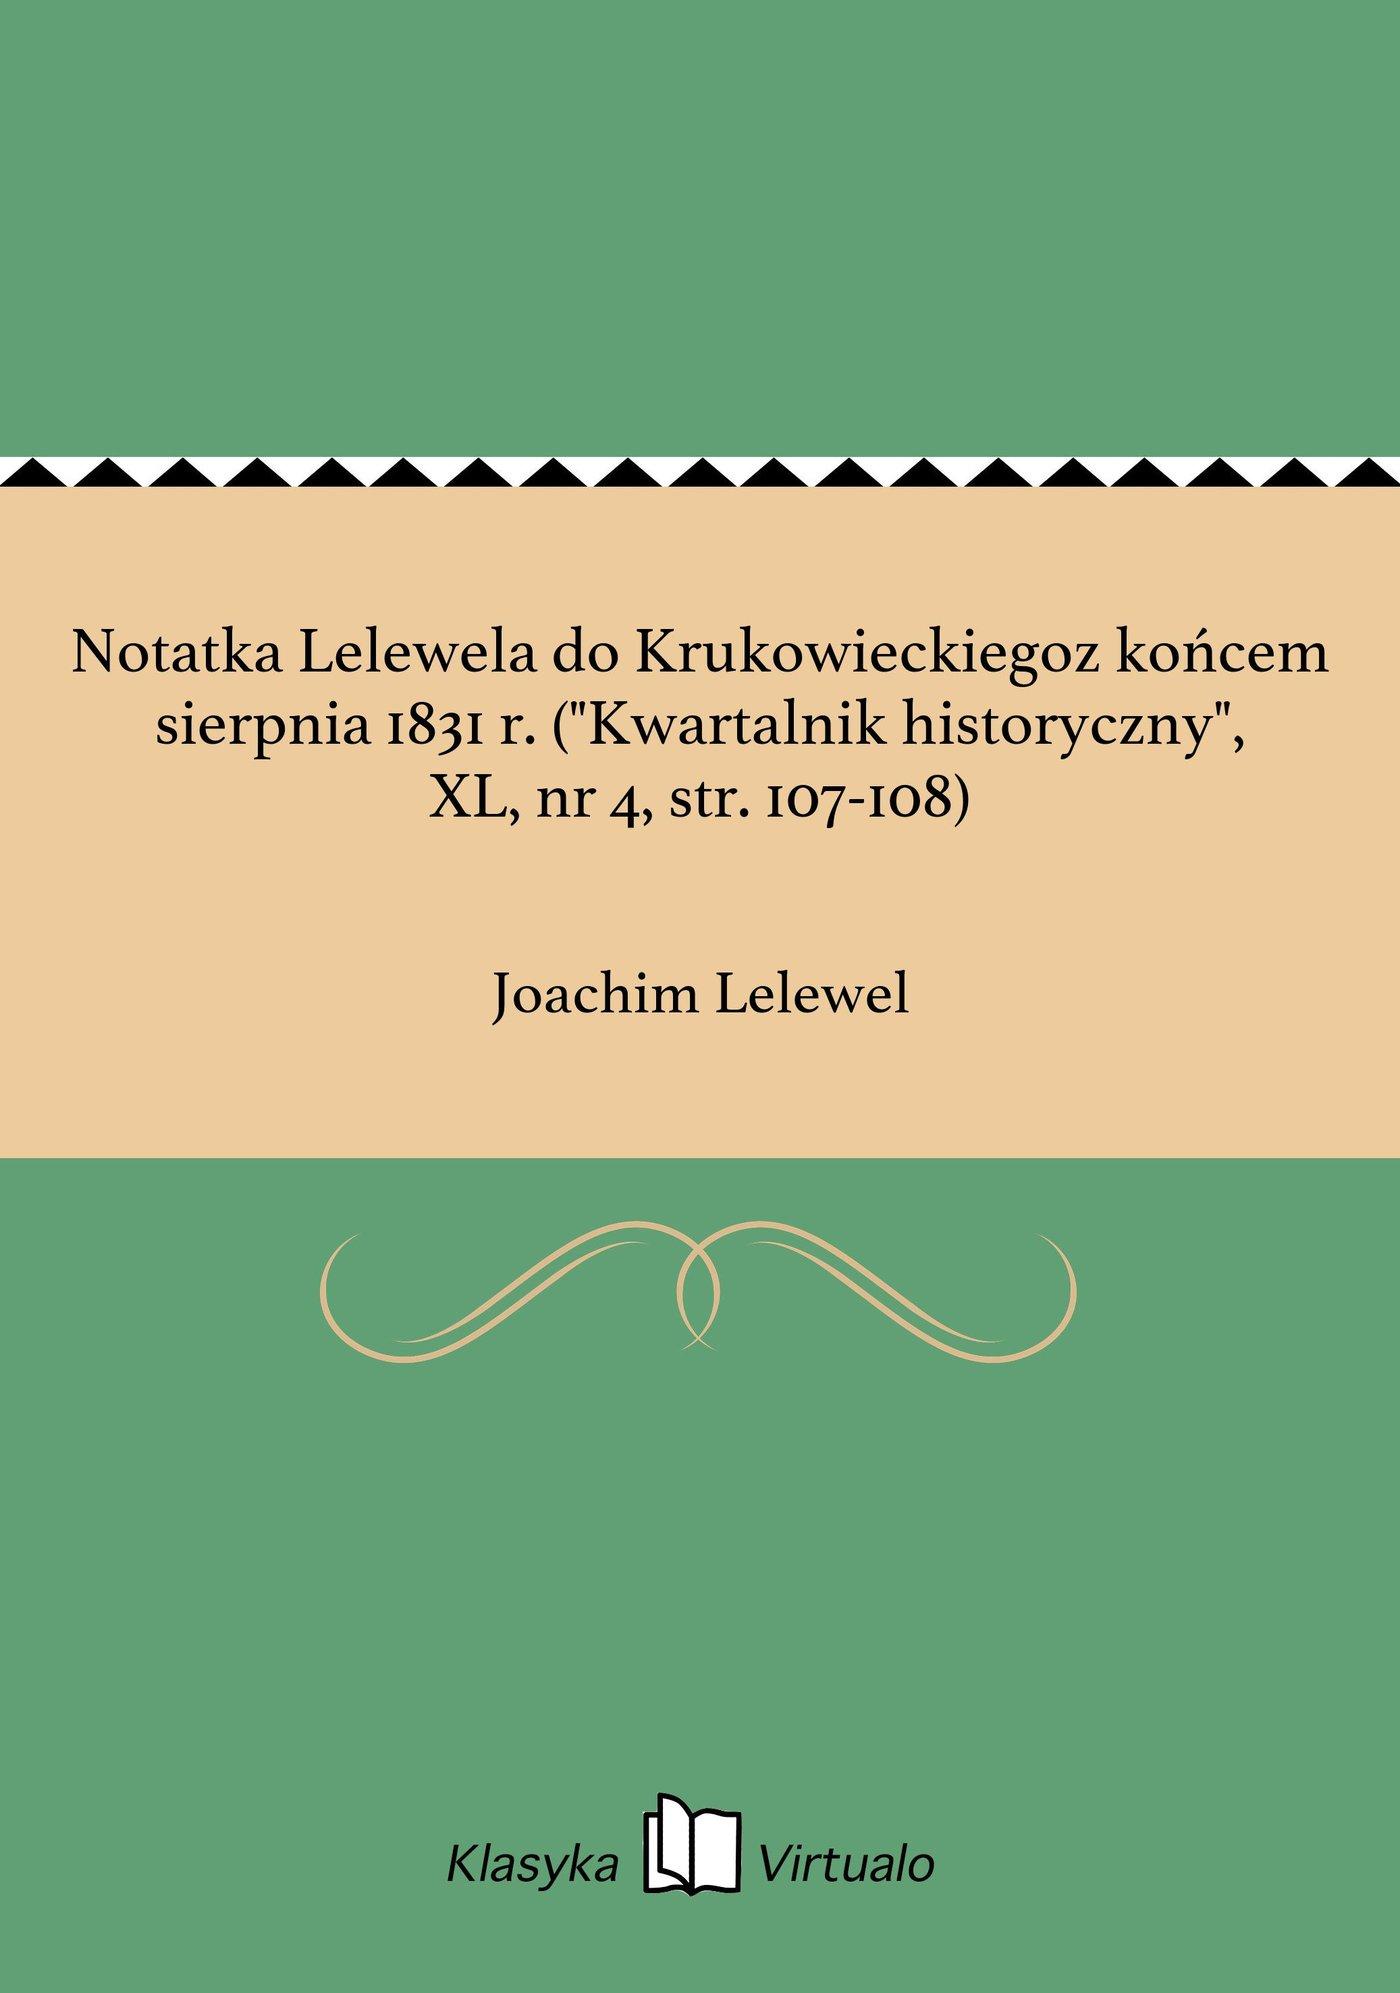 """Notatka Lelewela do Krukowieckiegoz końcem sierpnia 1831 r. (""""Kwartalnik historyczny"""", XL, nr 4, str. 107-108) - Ebook (Książka na Kindle) do pobrania w formacie MOBI"""